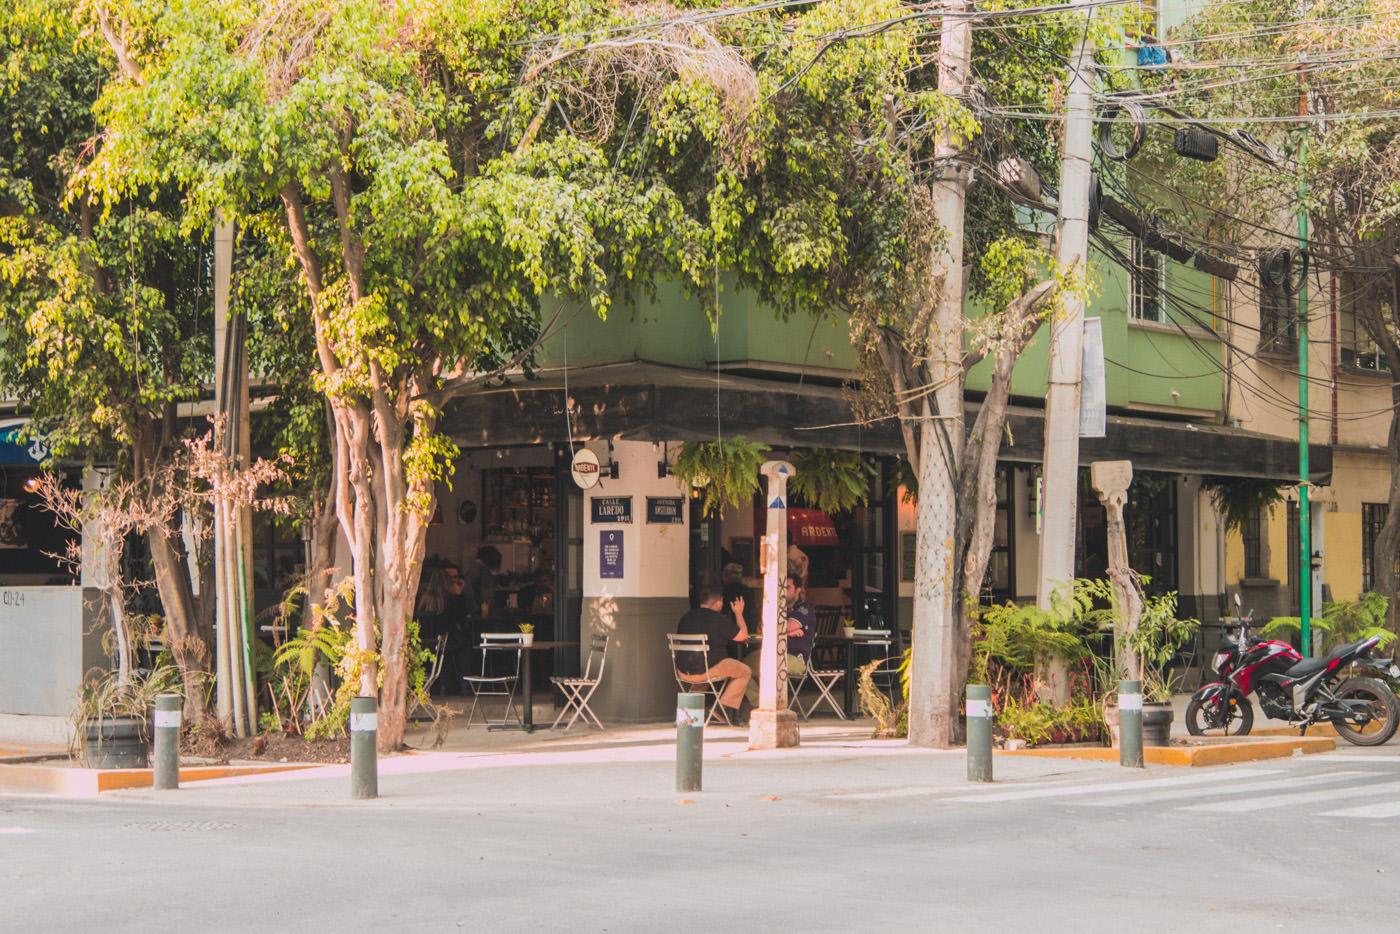 Café im Viertel Hipodromo in Mexiko-Stadt